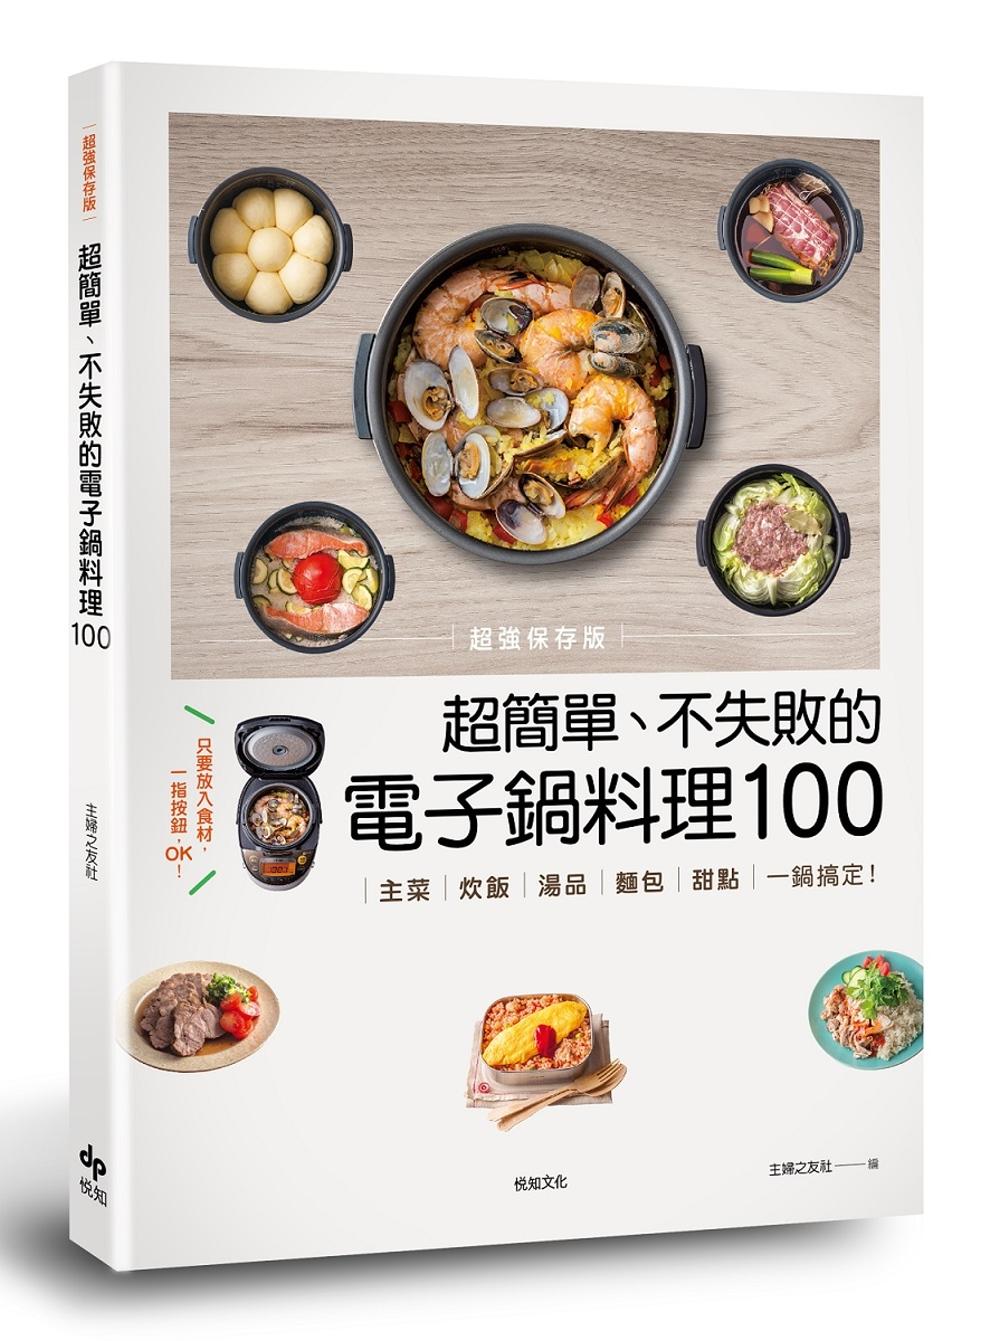 ~超強保存版~超簡單、不失敗的電子鍋料理100:主菜、炊飯、湯品、麵包、甜點,一鍋搞定!